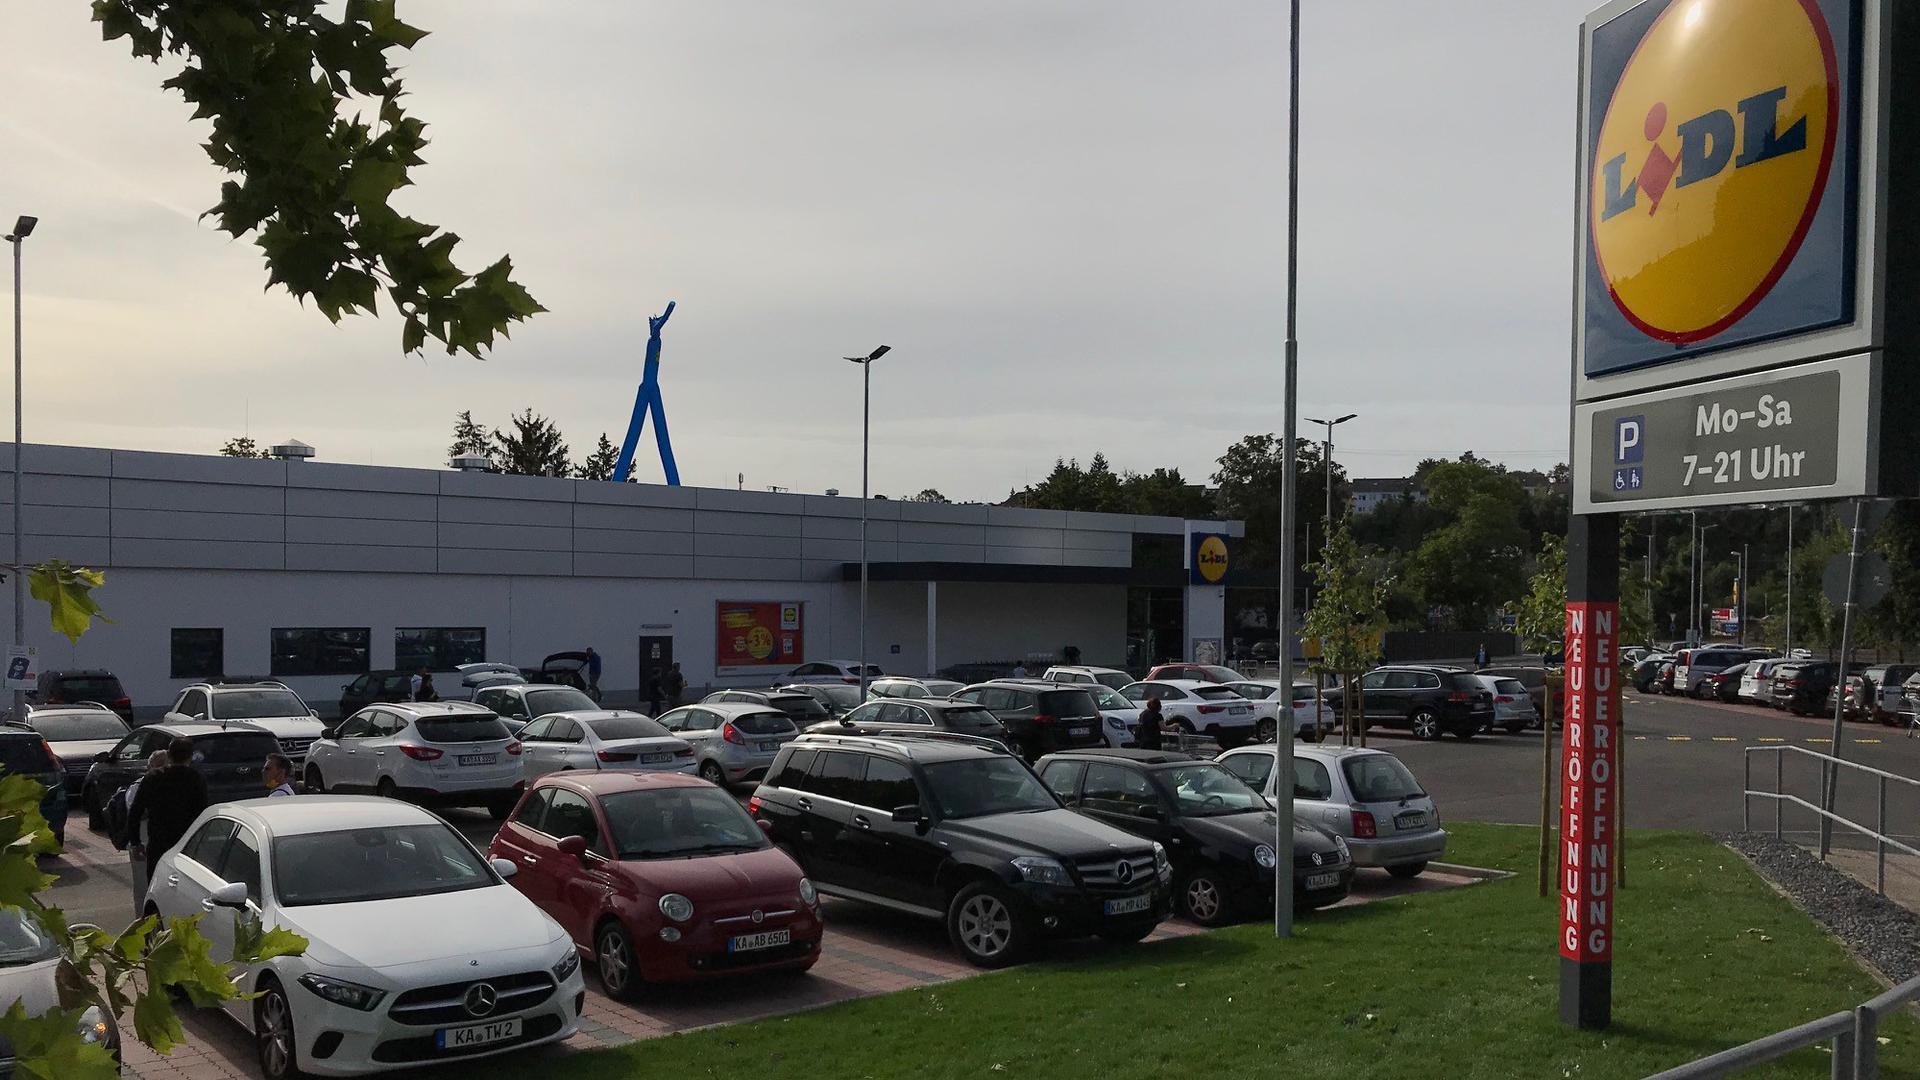 Viele Fahrzeuge stehen am Donnerstag zur Eröffnung der neuen Lidl-Filiale in Bretten auf dem Parkplatz.